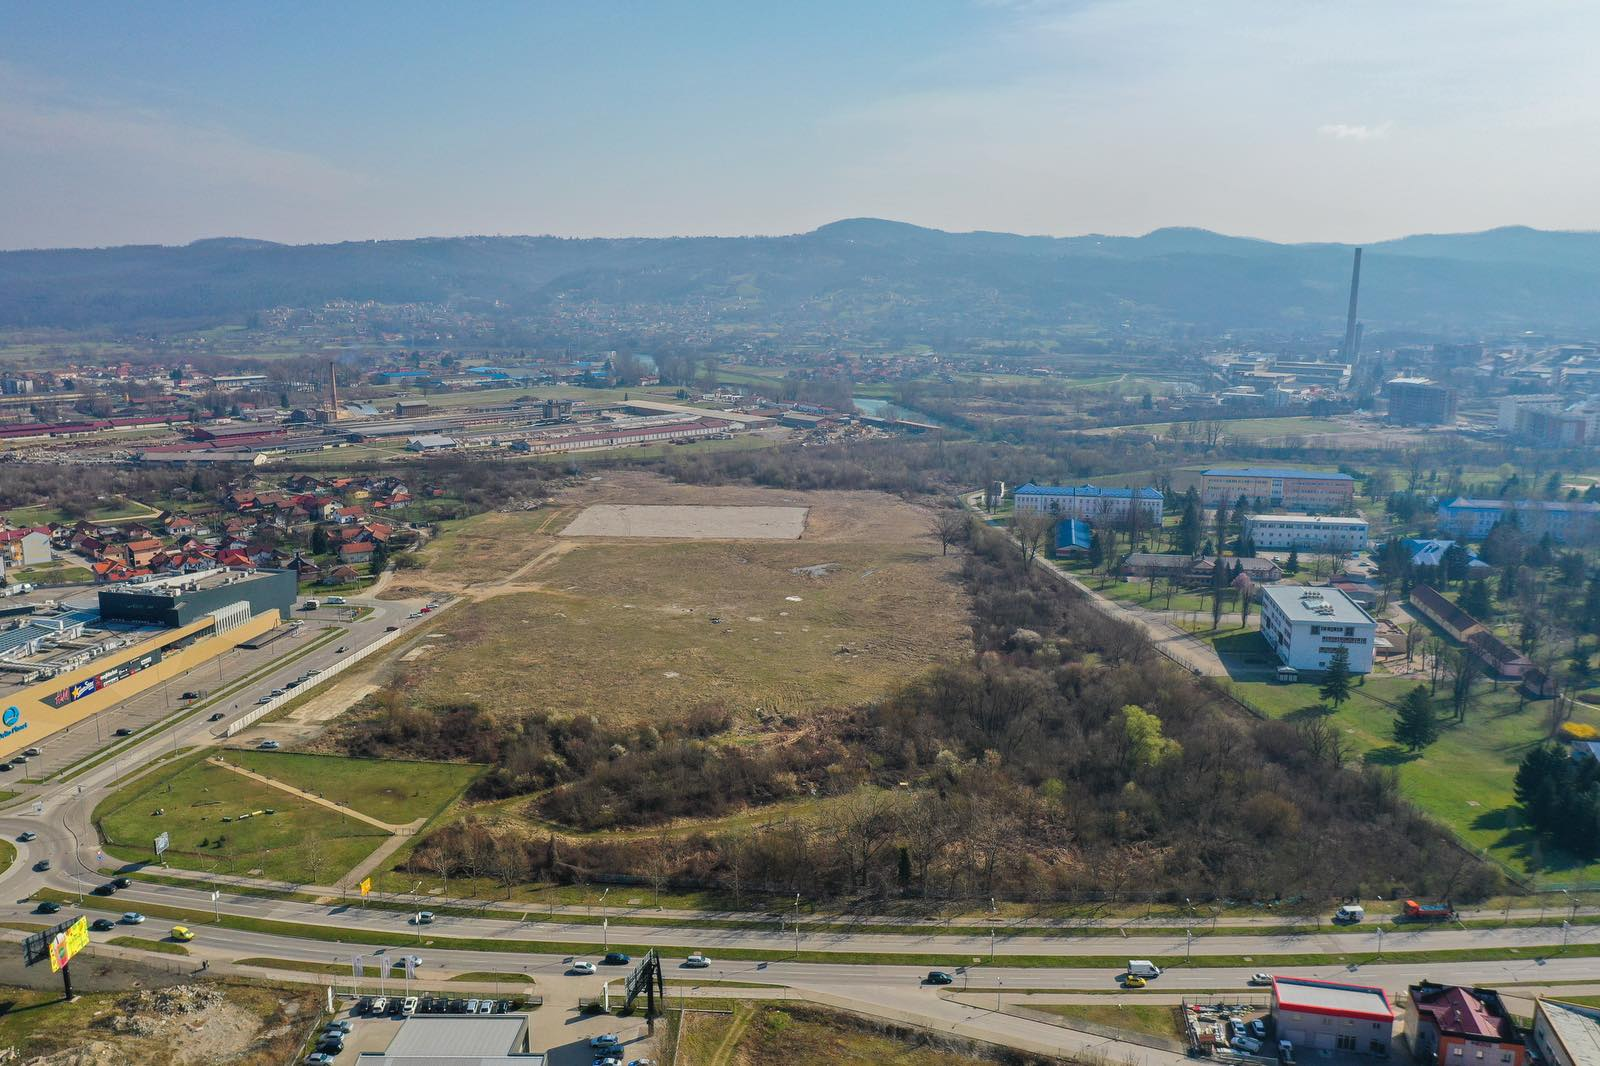 OBJAVLJENA ONLAJN ANKETA Gradska uprava Banjaluka pita građane koje sadržaje očekuju u novom parku